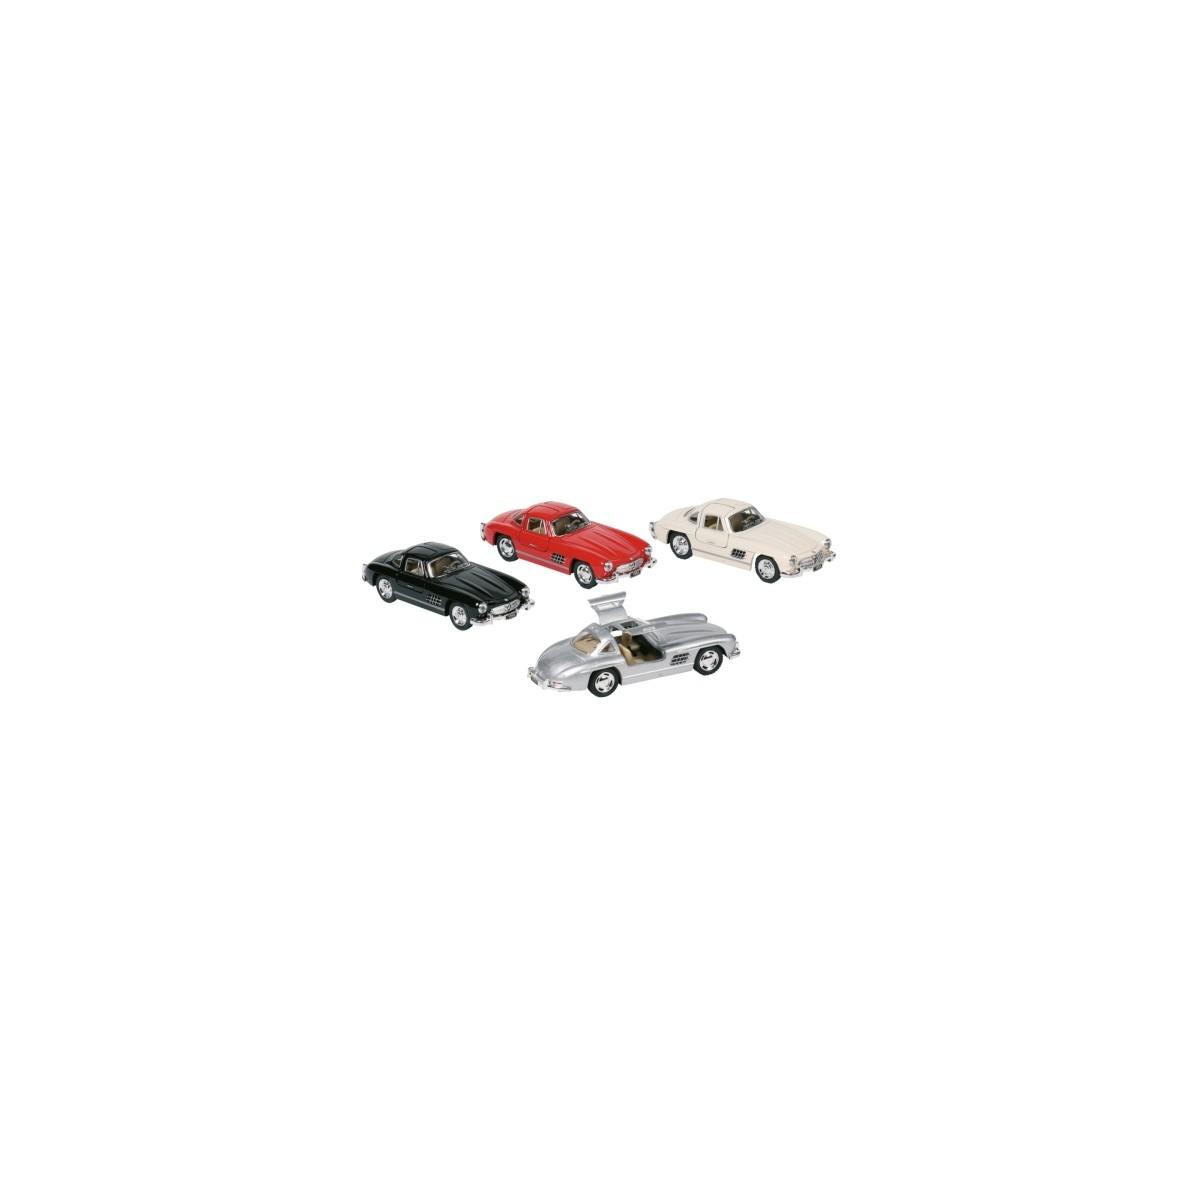 Jucarie - Masinuta Mercedes Benz 300SL Coupe - mai multe culori | Goki